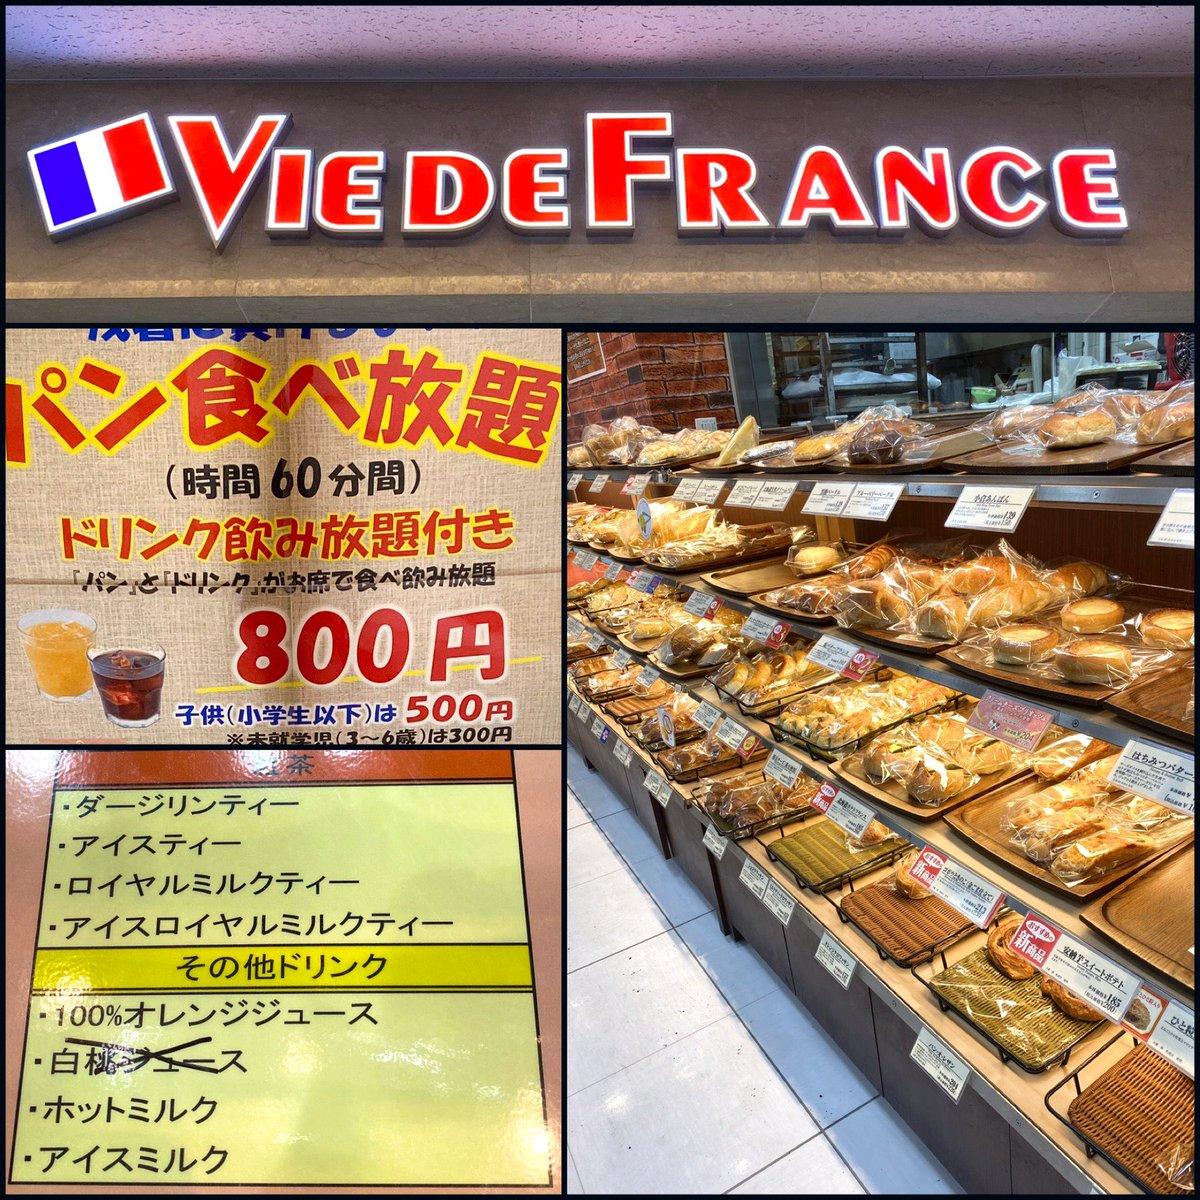 放題 ヴィド フランス 食べ